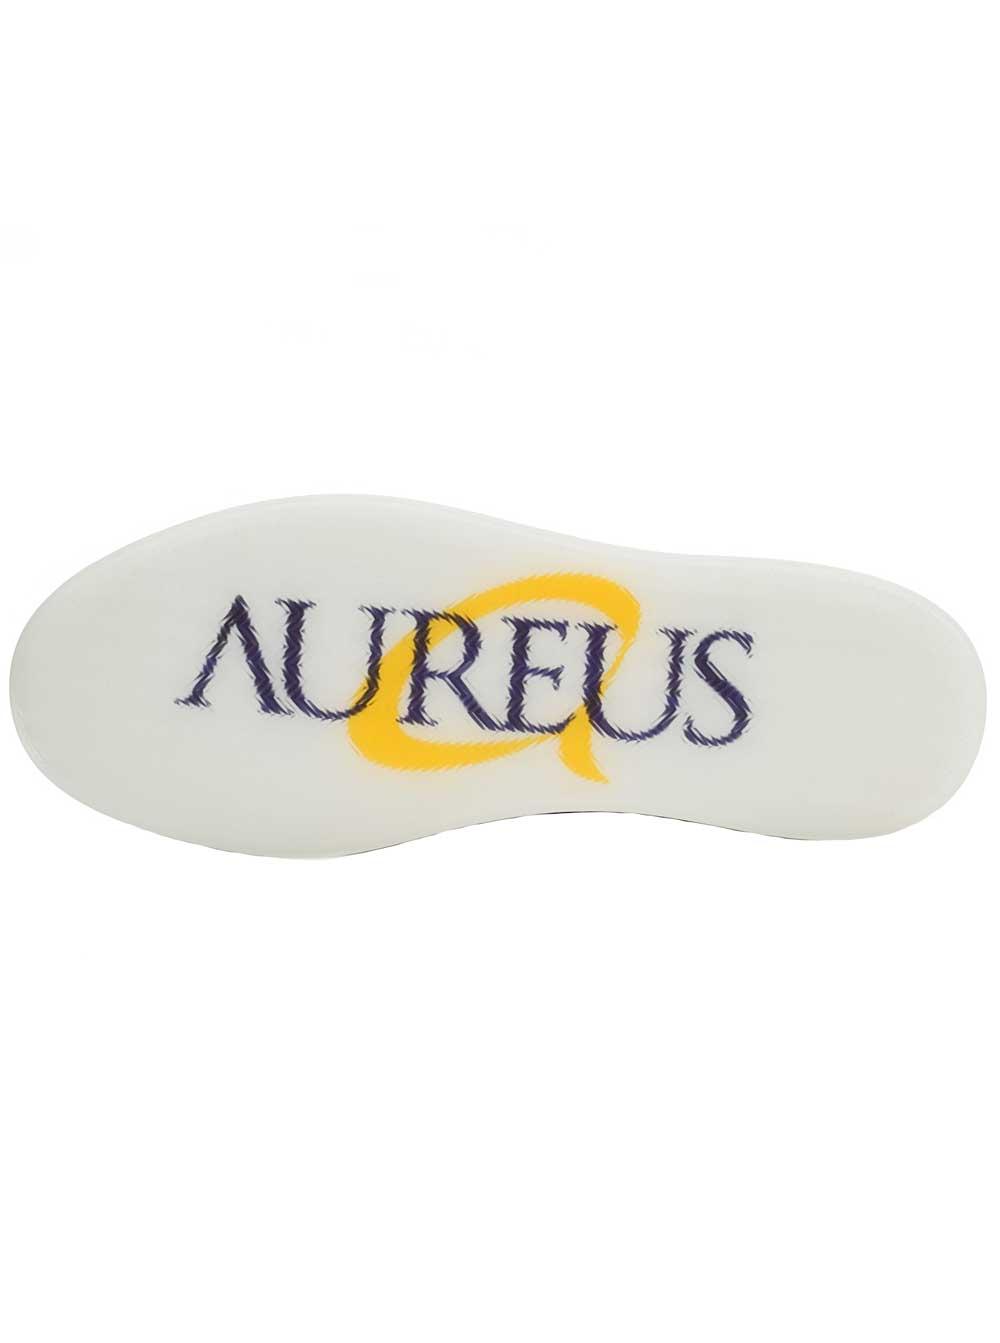 Aureus Men's Henson Polished Cognac Loafers 11 M US